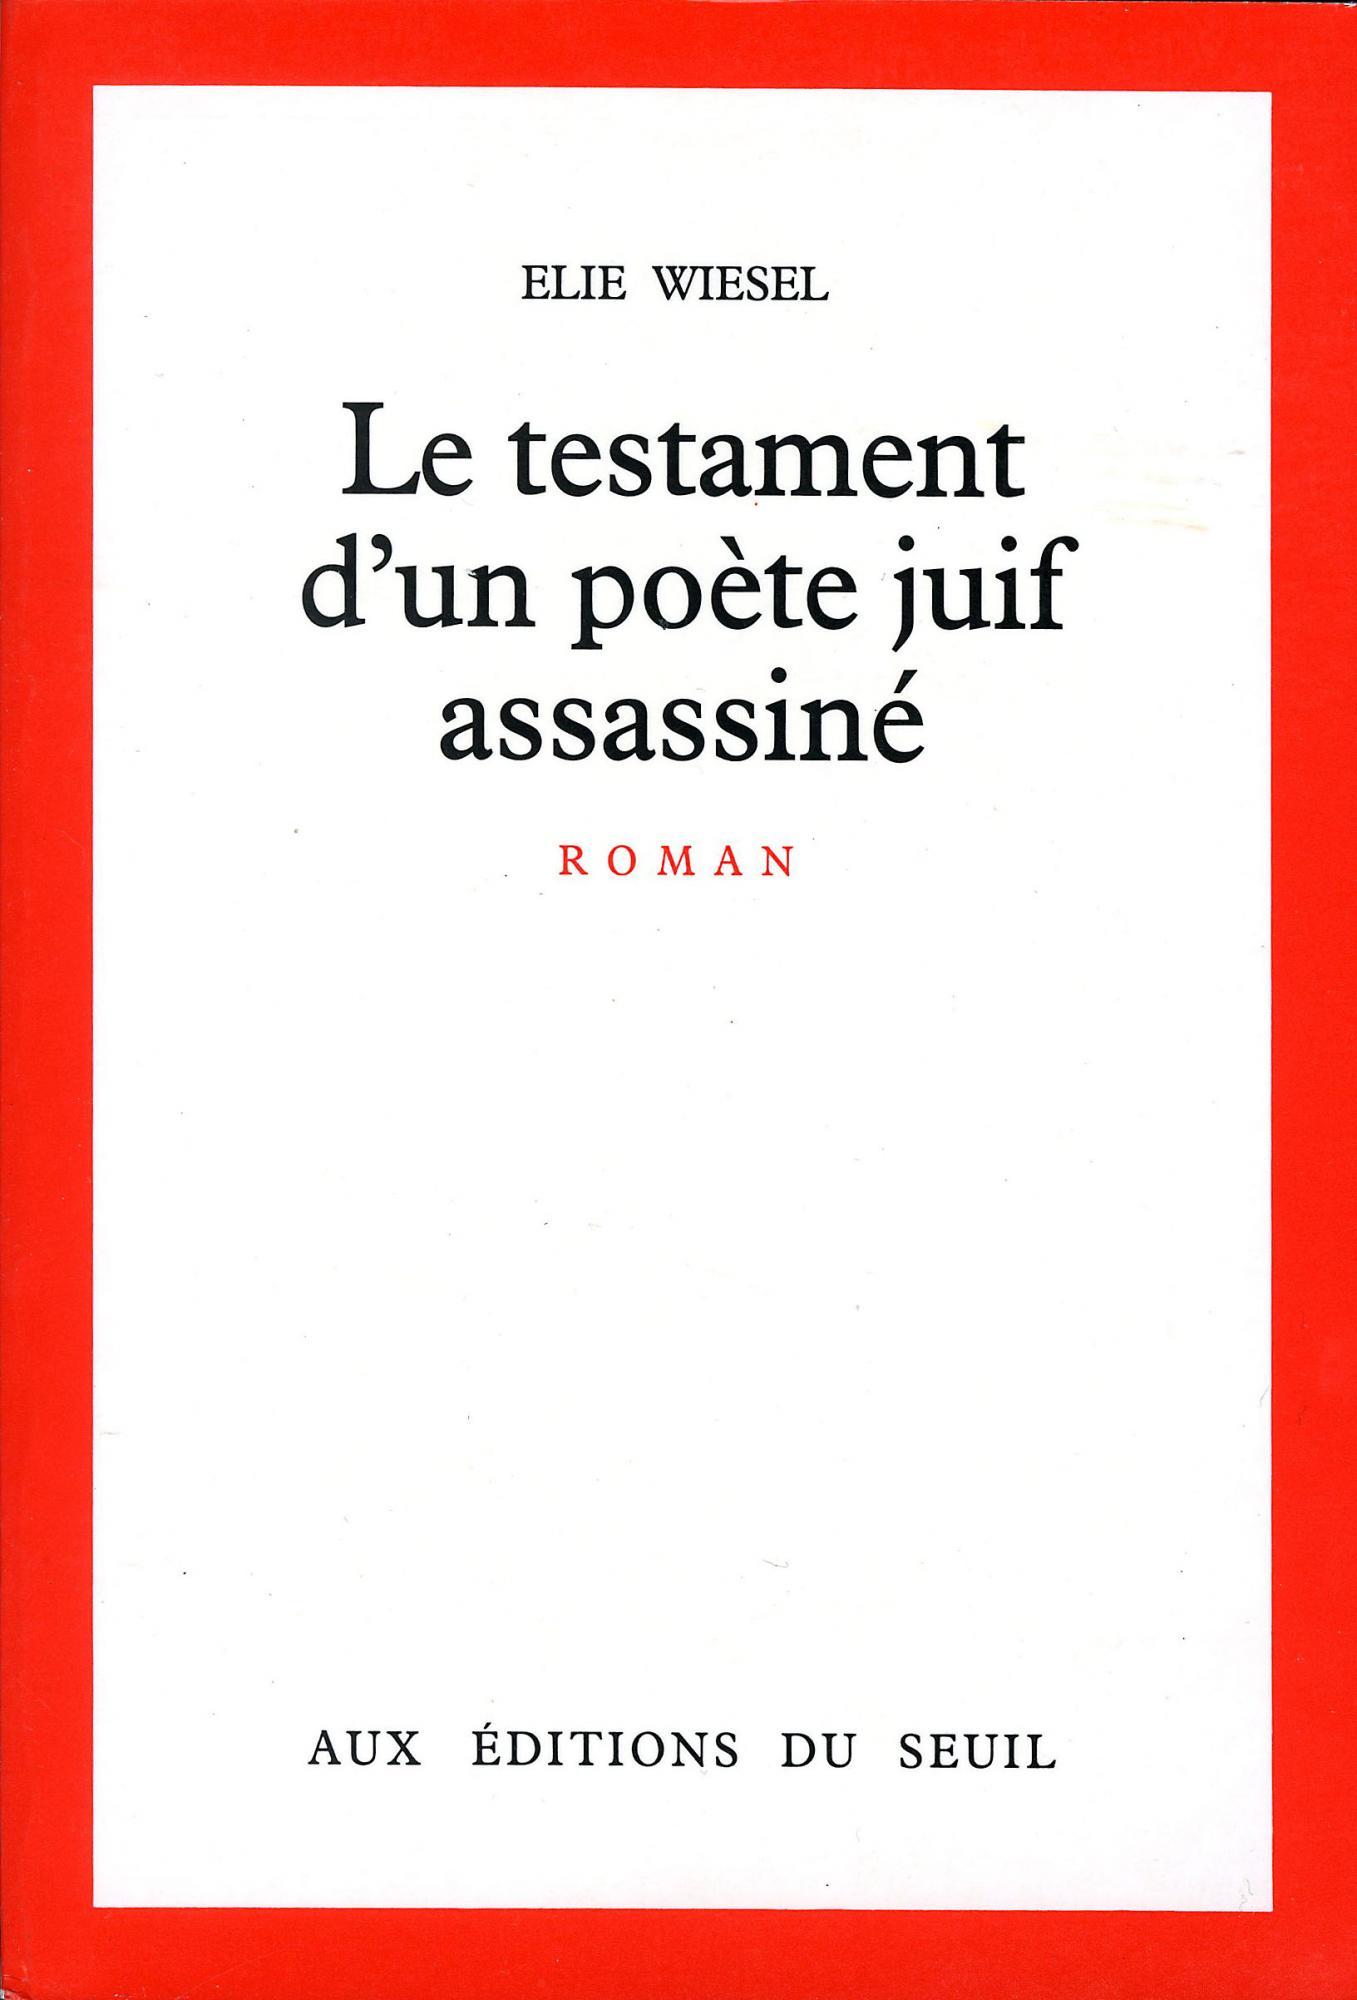 Paroles D'etranger: Textes, Contes Et Dialogues by Elie Wiesel (1982, Book) @@@@